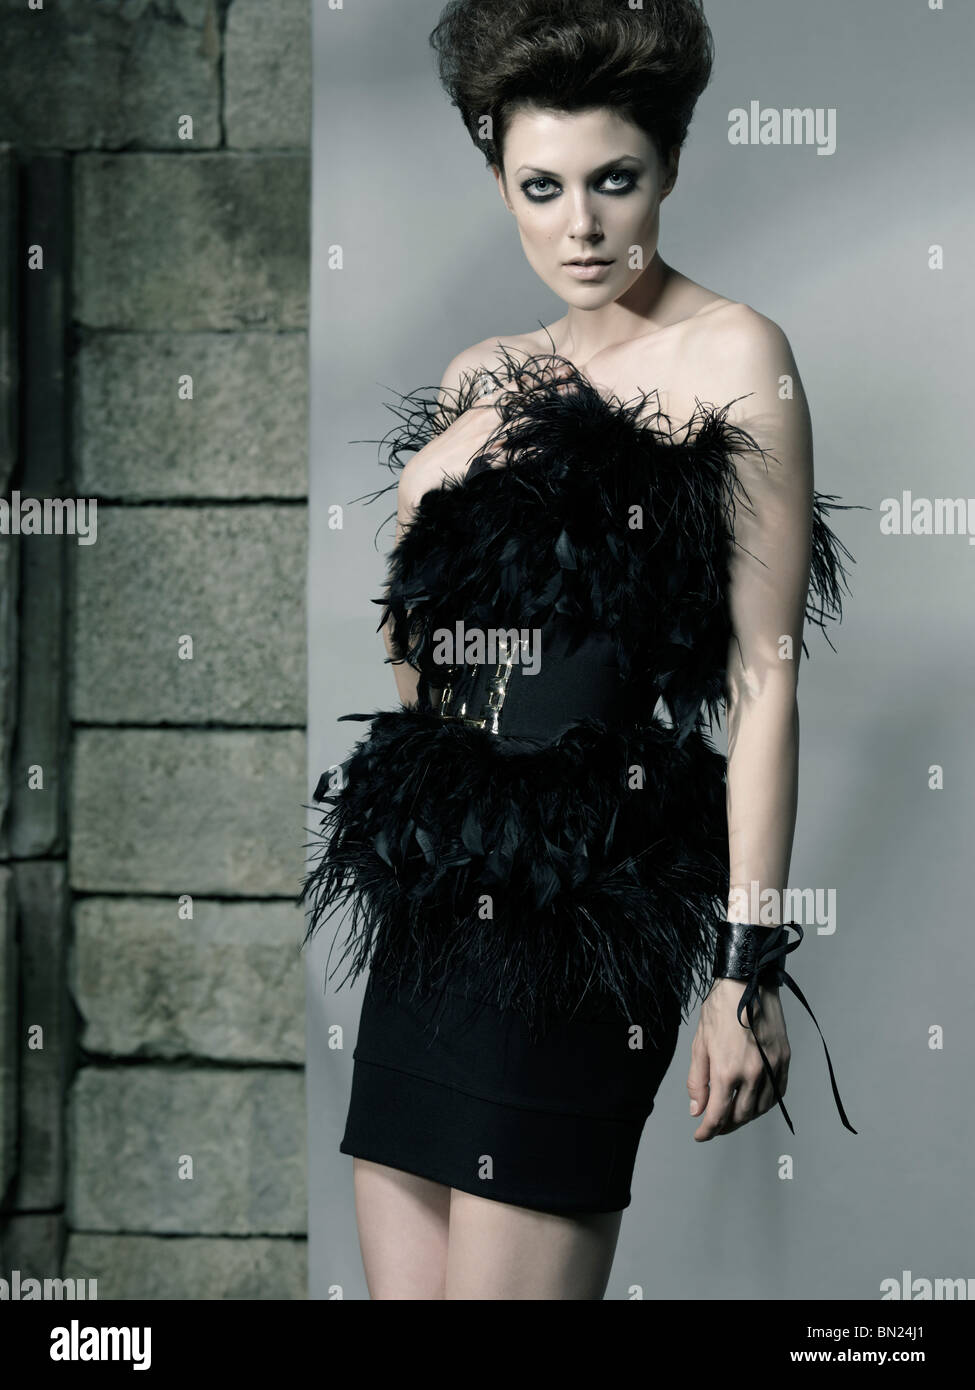 Alta moda foto di una bella donna che indossa nero elegante abito feathery Immagini Stock